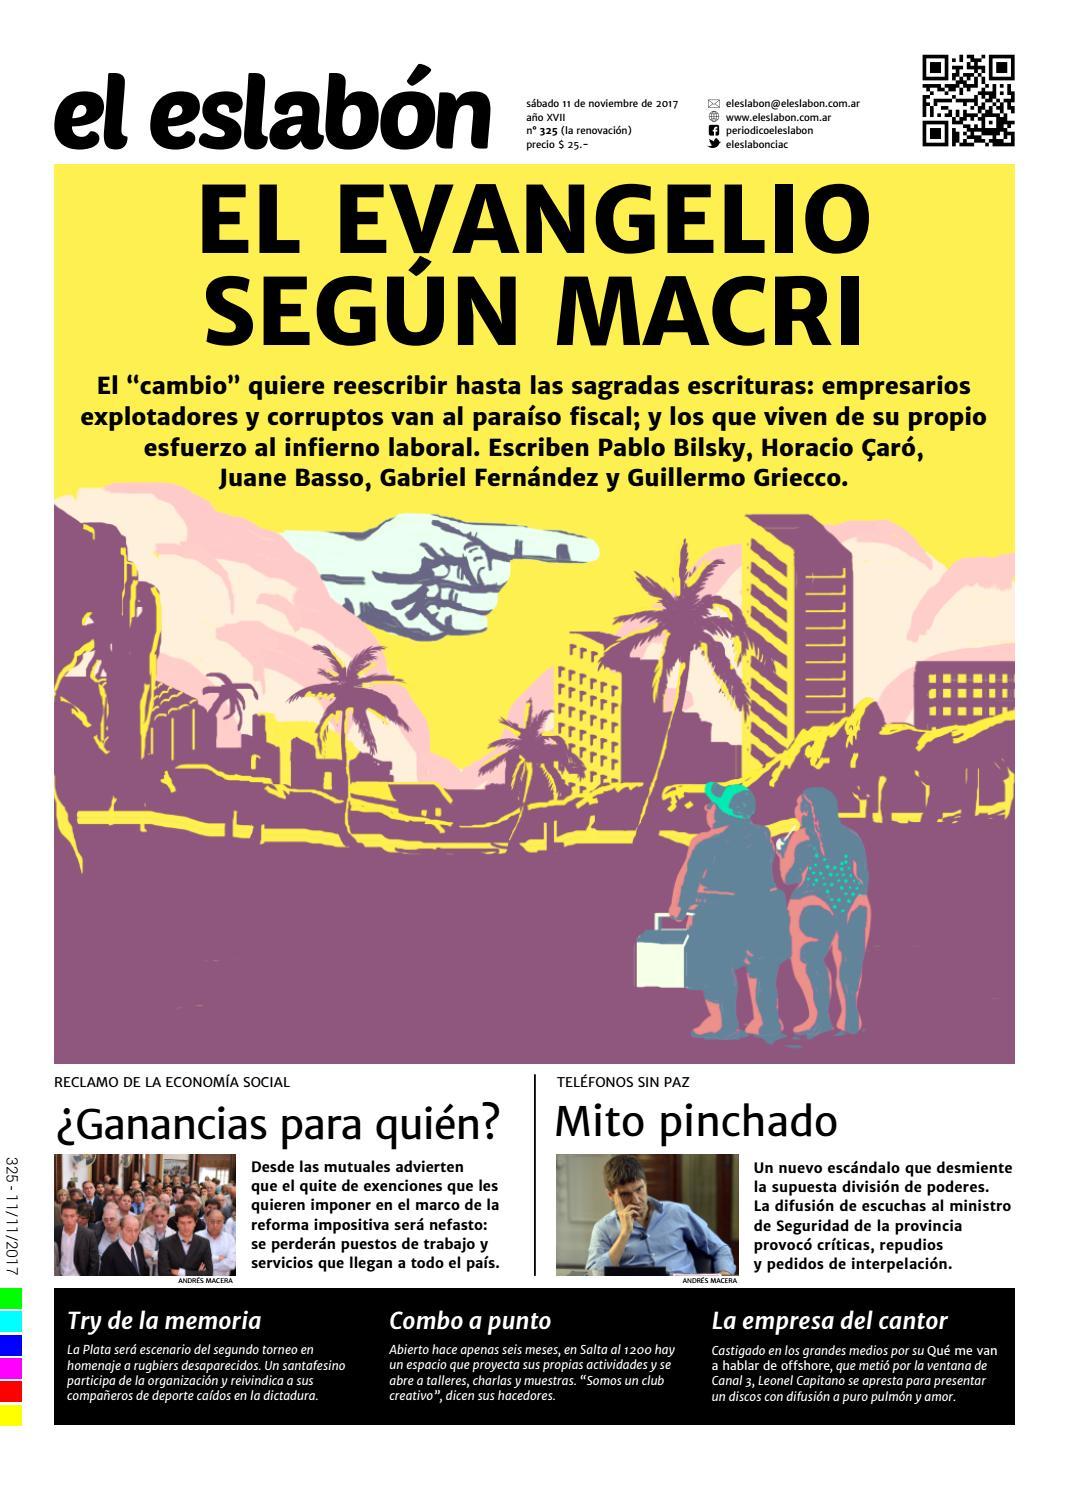 el eslabón 325 by El Eslabón de la Cadena Informativa - issuu